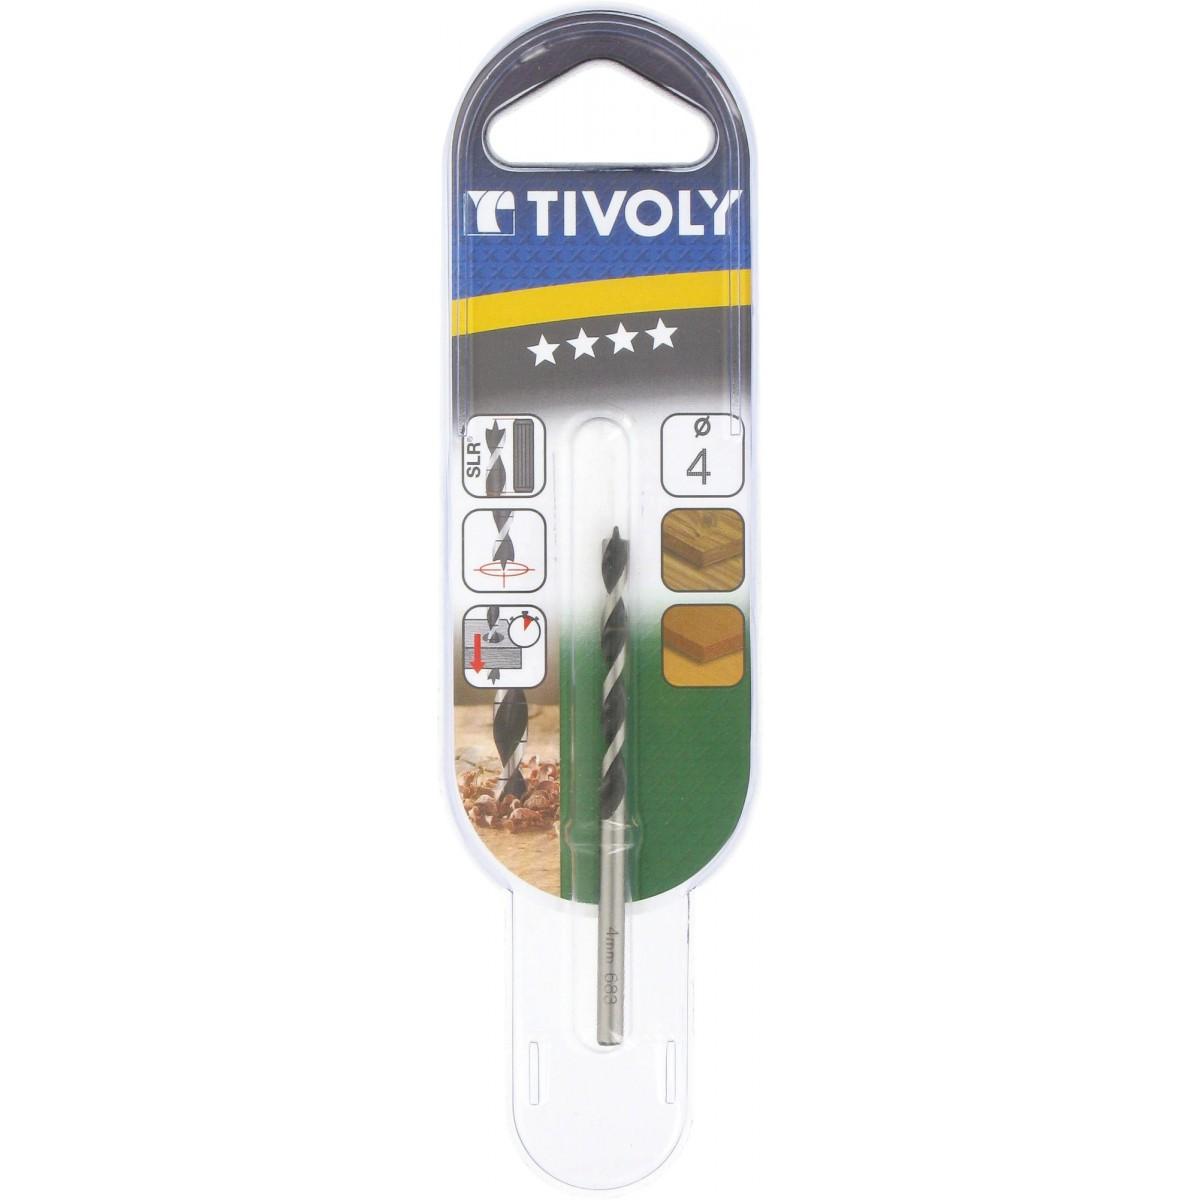 Meche à bois industrie graduée SLR trois pointes Tivoly - Longueur 75 mm - Diamètre 4 mm - Vendu par 1